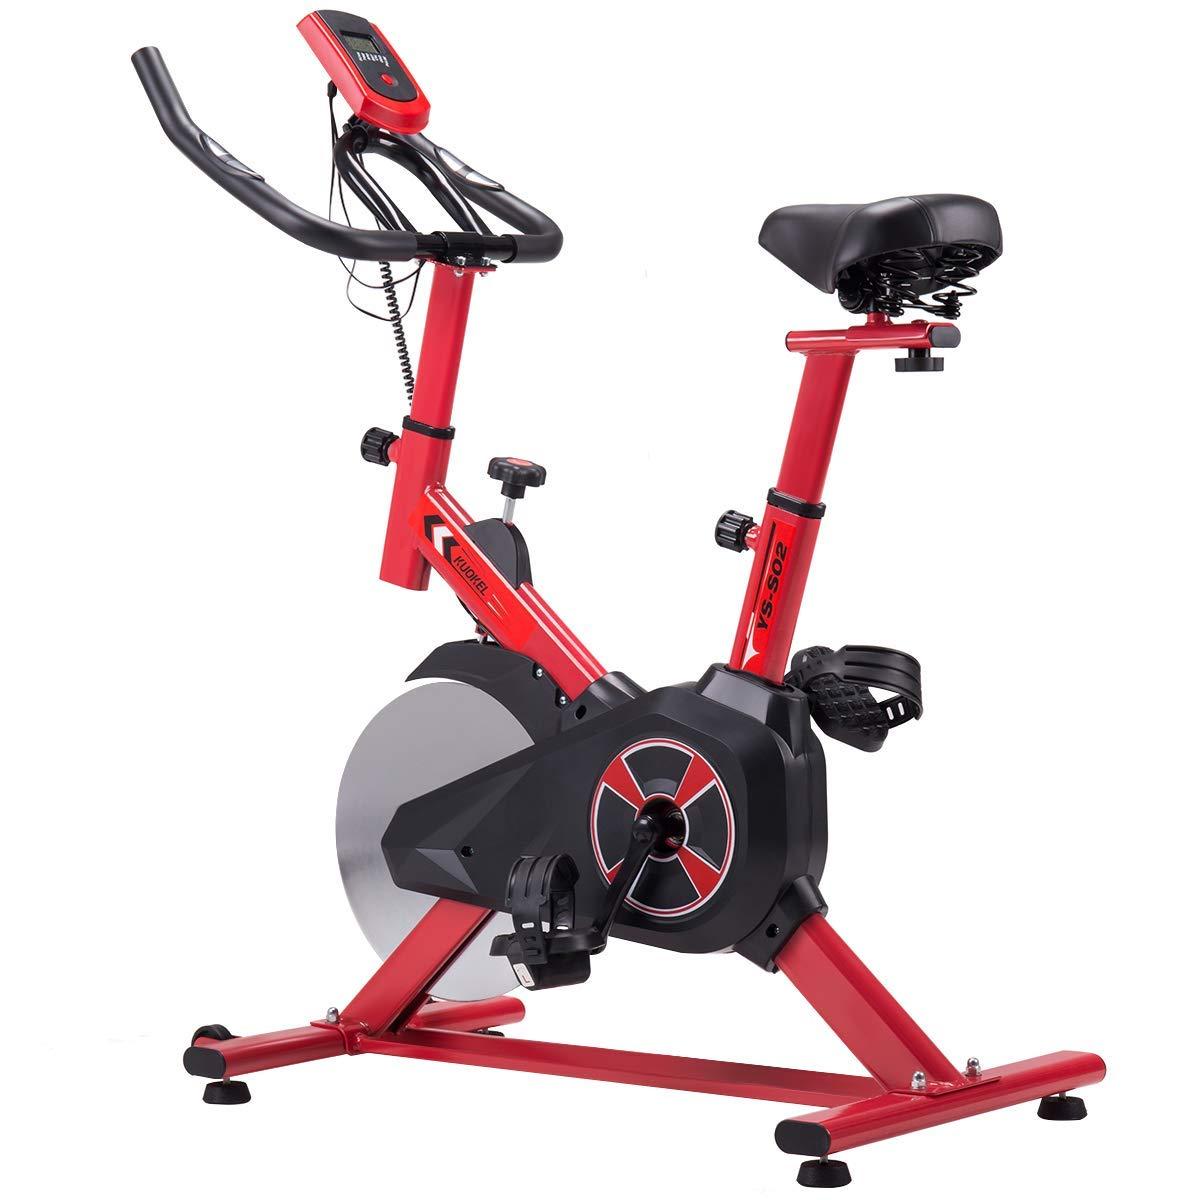 KUOKEL K601- Indoor Cycling Bike Exercise Bike with 22lb Flywheel